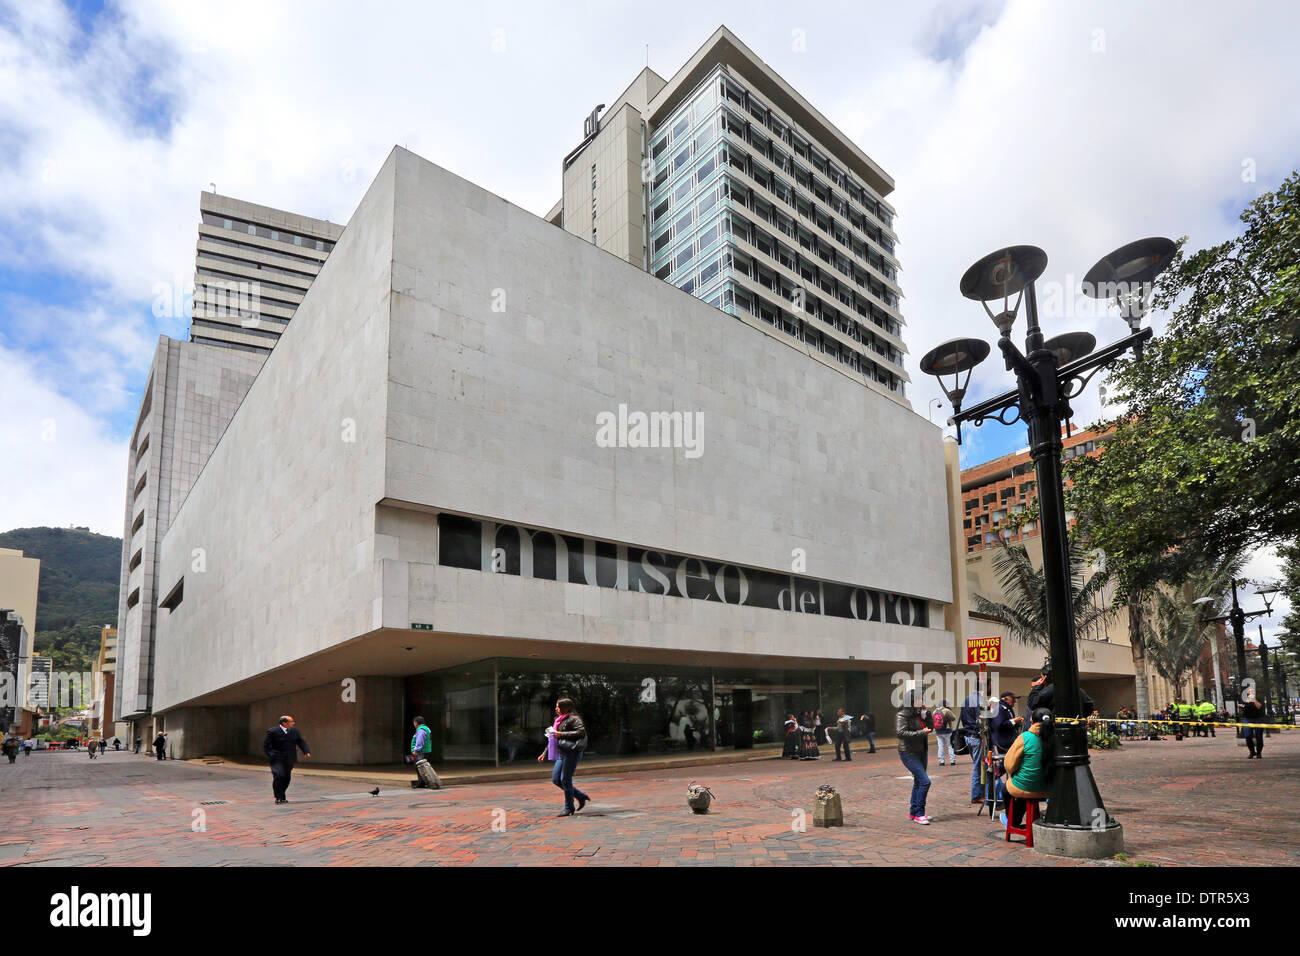 Musée de l'or, Museo del Oro, à Bogota, Colombie Photo Stock